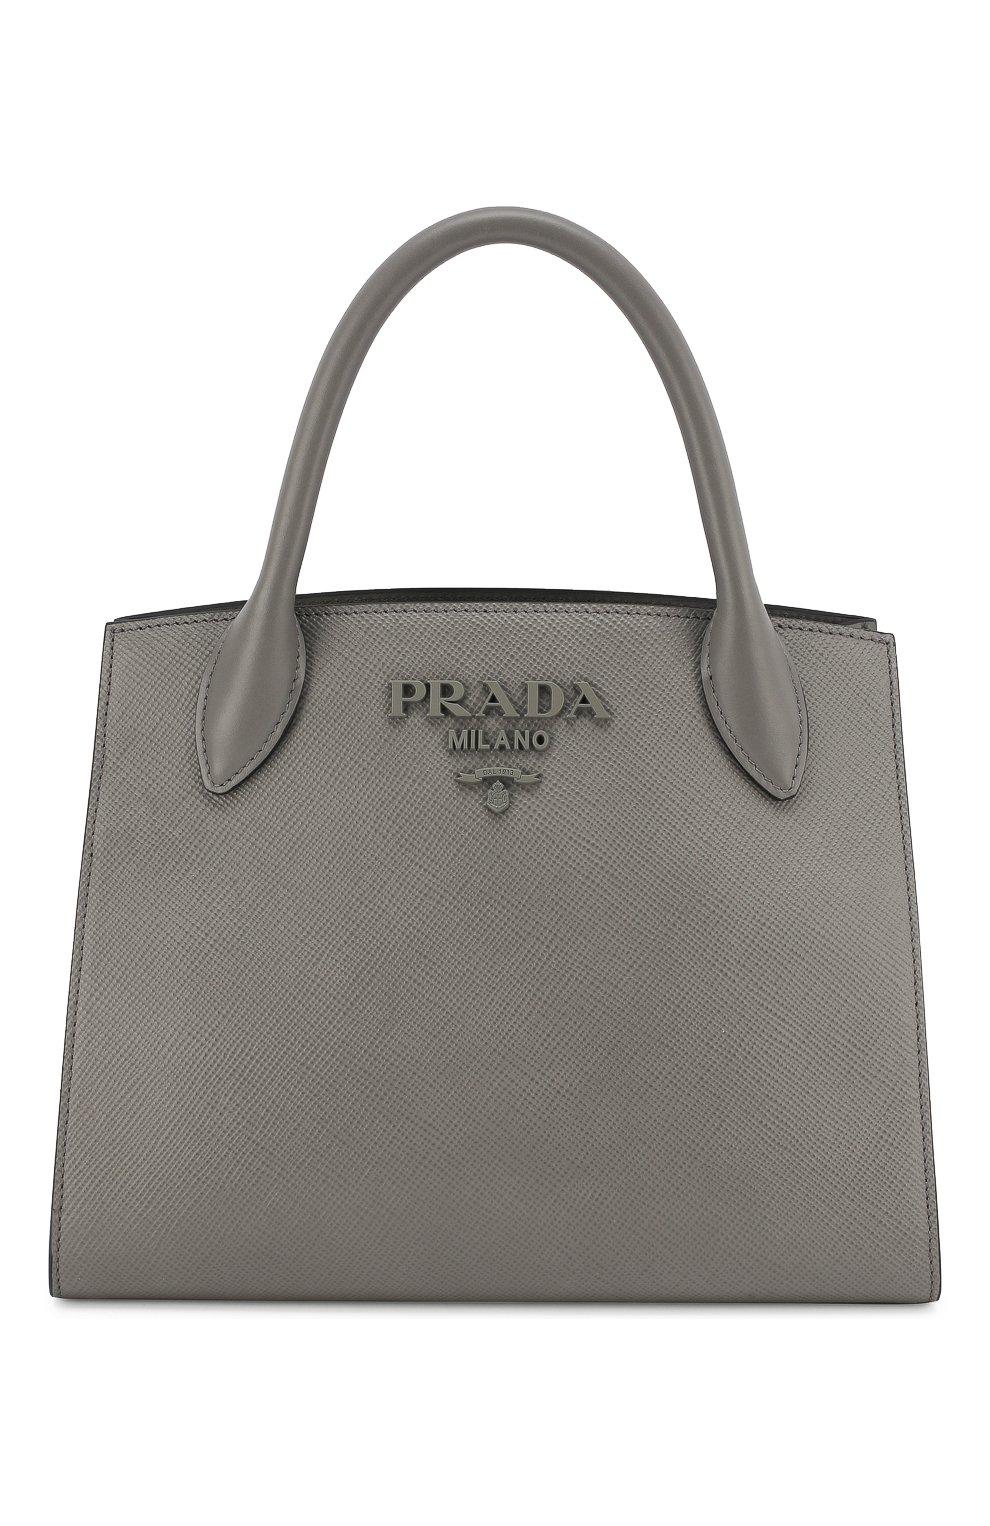 9aad1d33a085 Сумки Prada по цене от 63 500 руб. купить в интернет-магазине ЦУМ